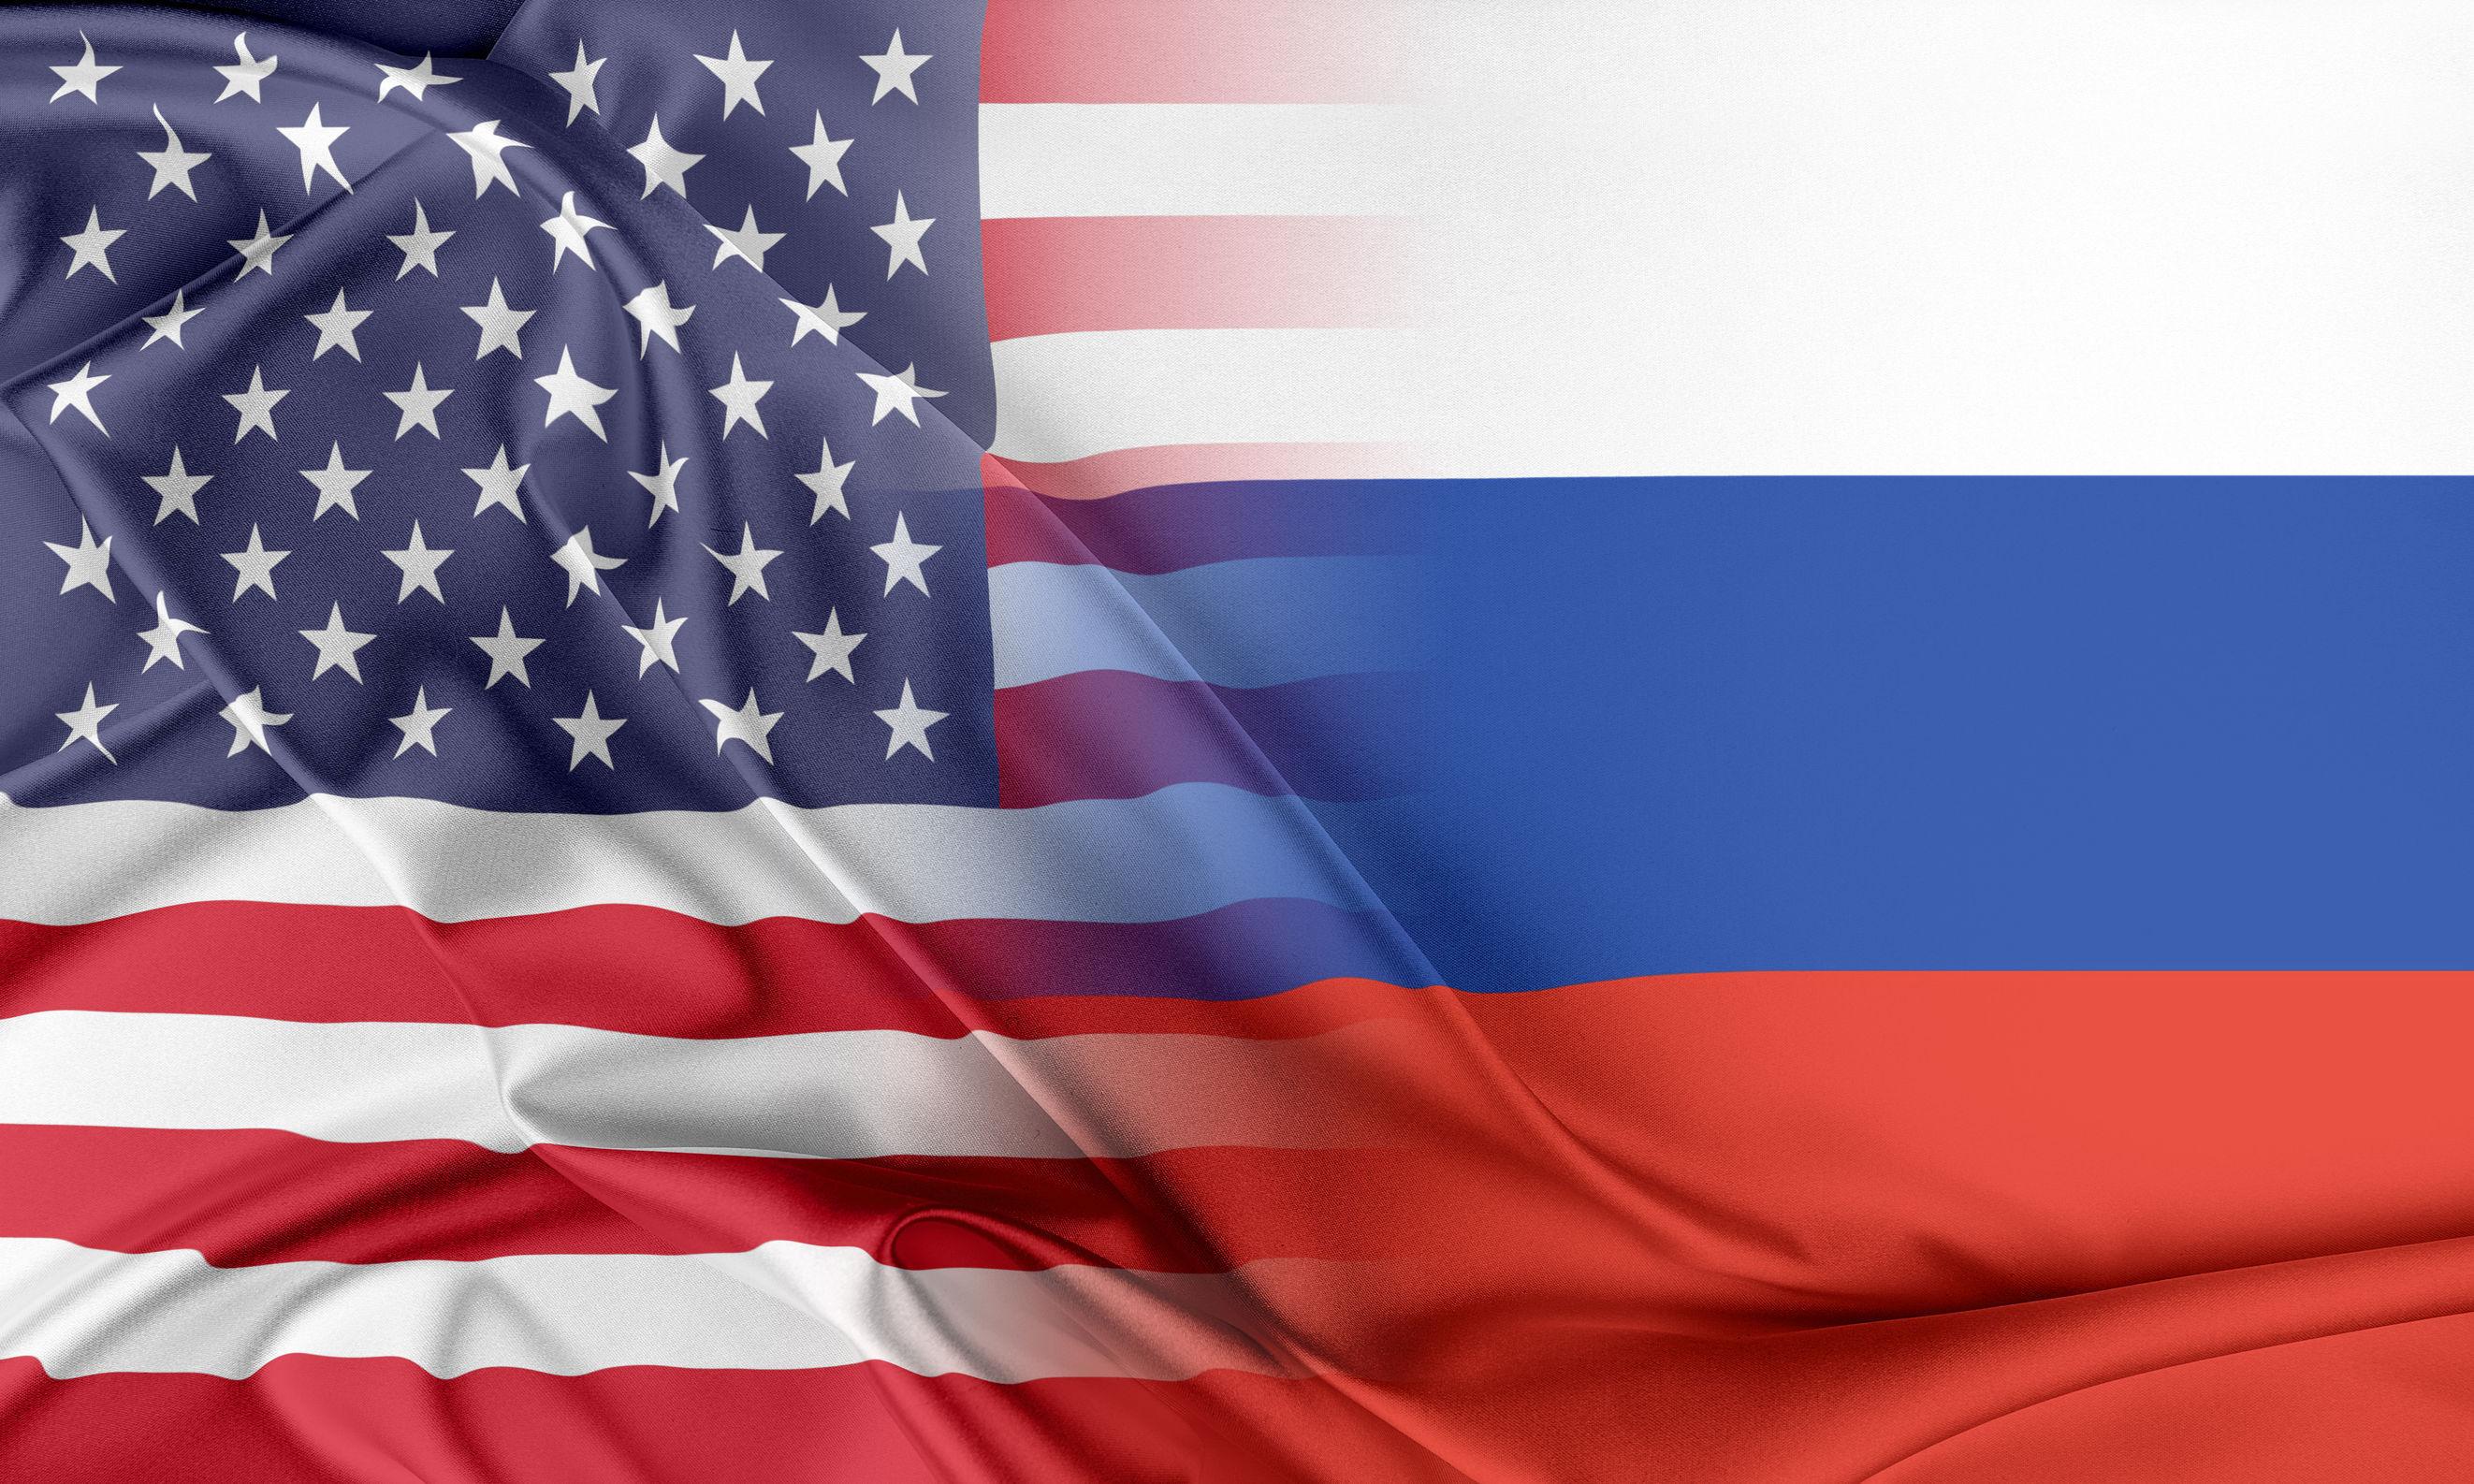 Îmbunătăţirea relaţiilor dintre Rusia şi SUA este în interesul Europei - ministrul german de Externe